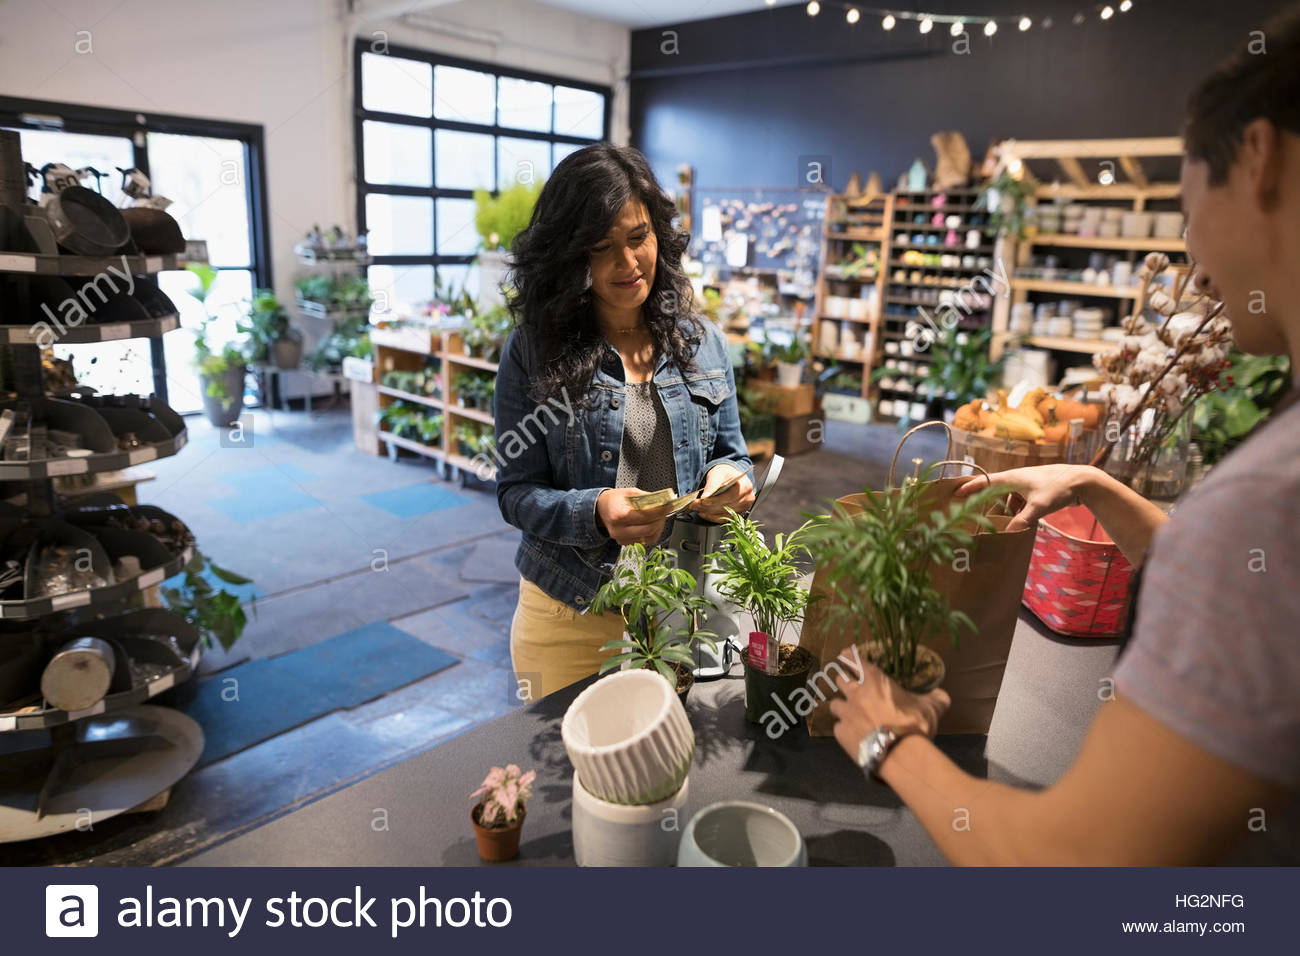 Maschio di proprietario di un negozio di aiutare il cliente femmina acquisto di impianti in negozio Immagini Stock